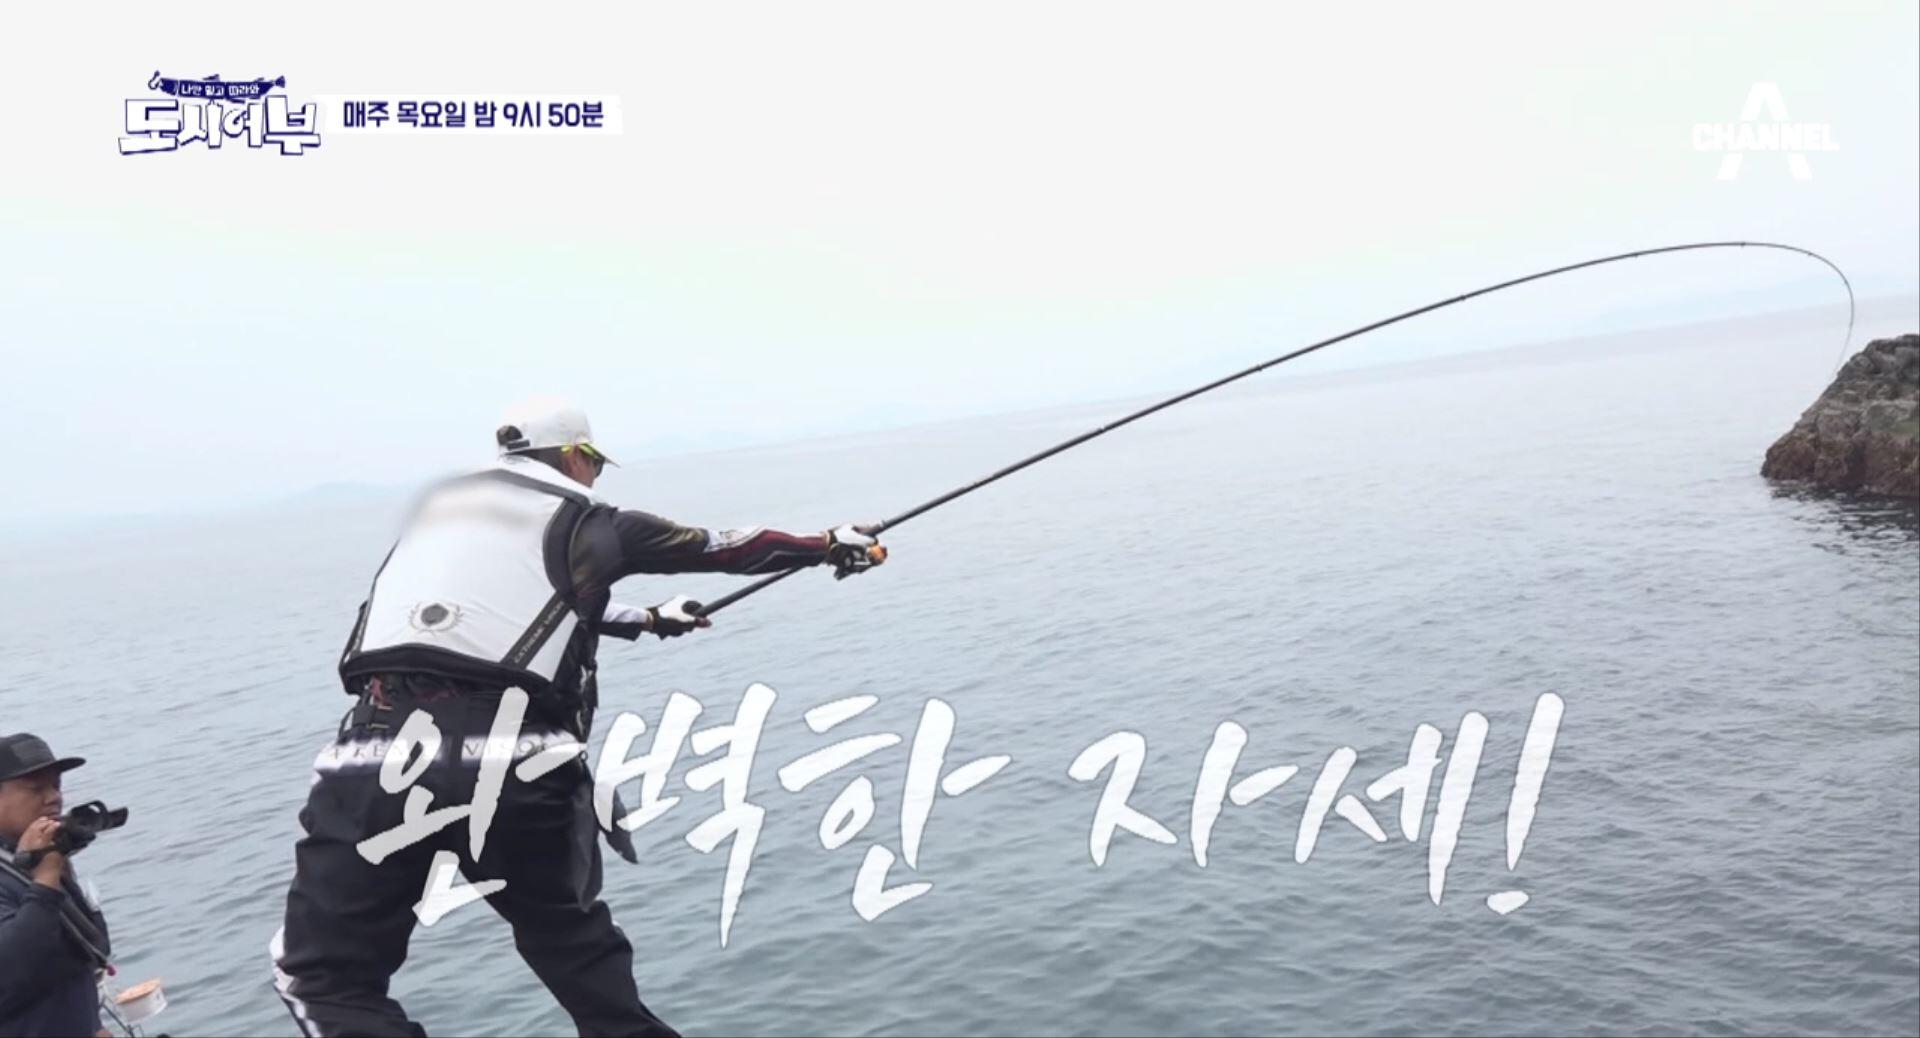 [선공개] 이게 무슨 돔이라고? 희귀돔 수집러 킹래원!